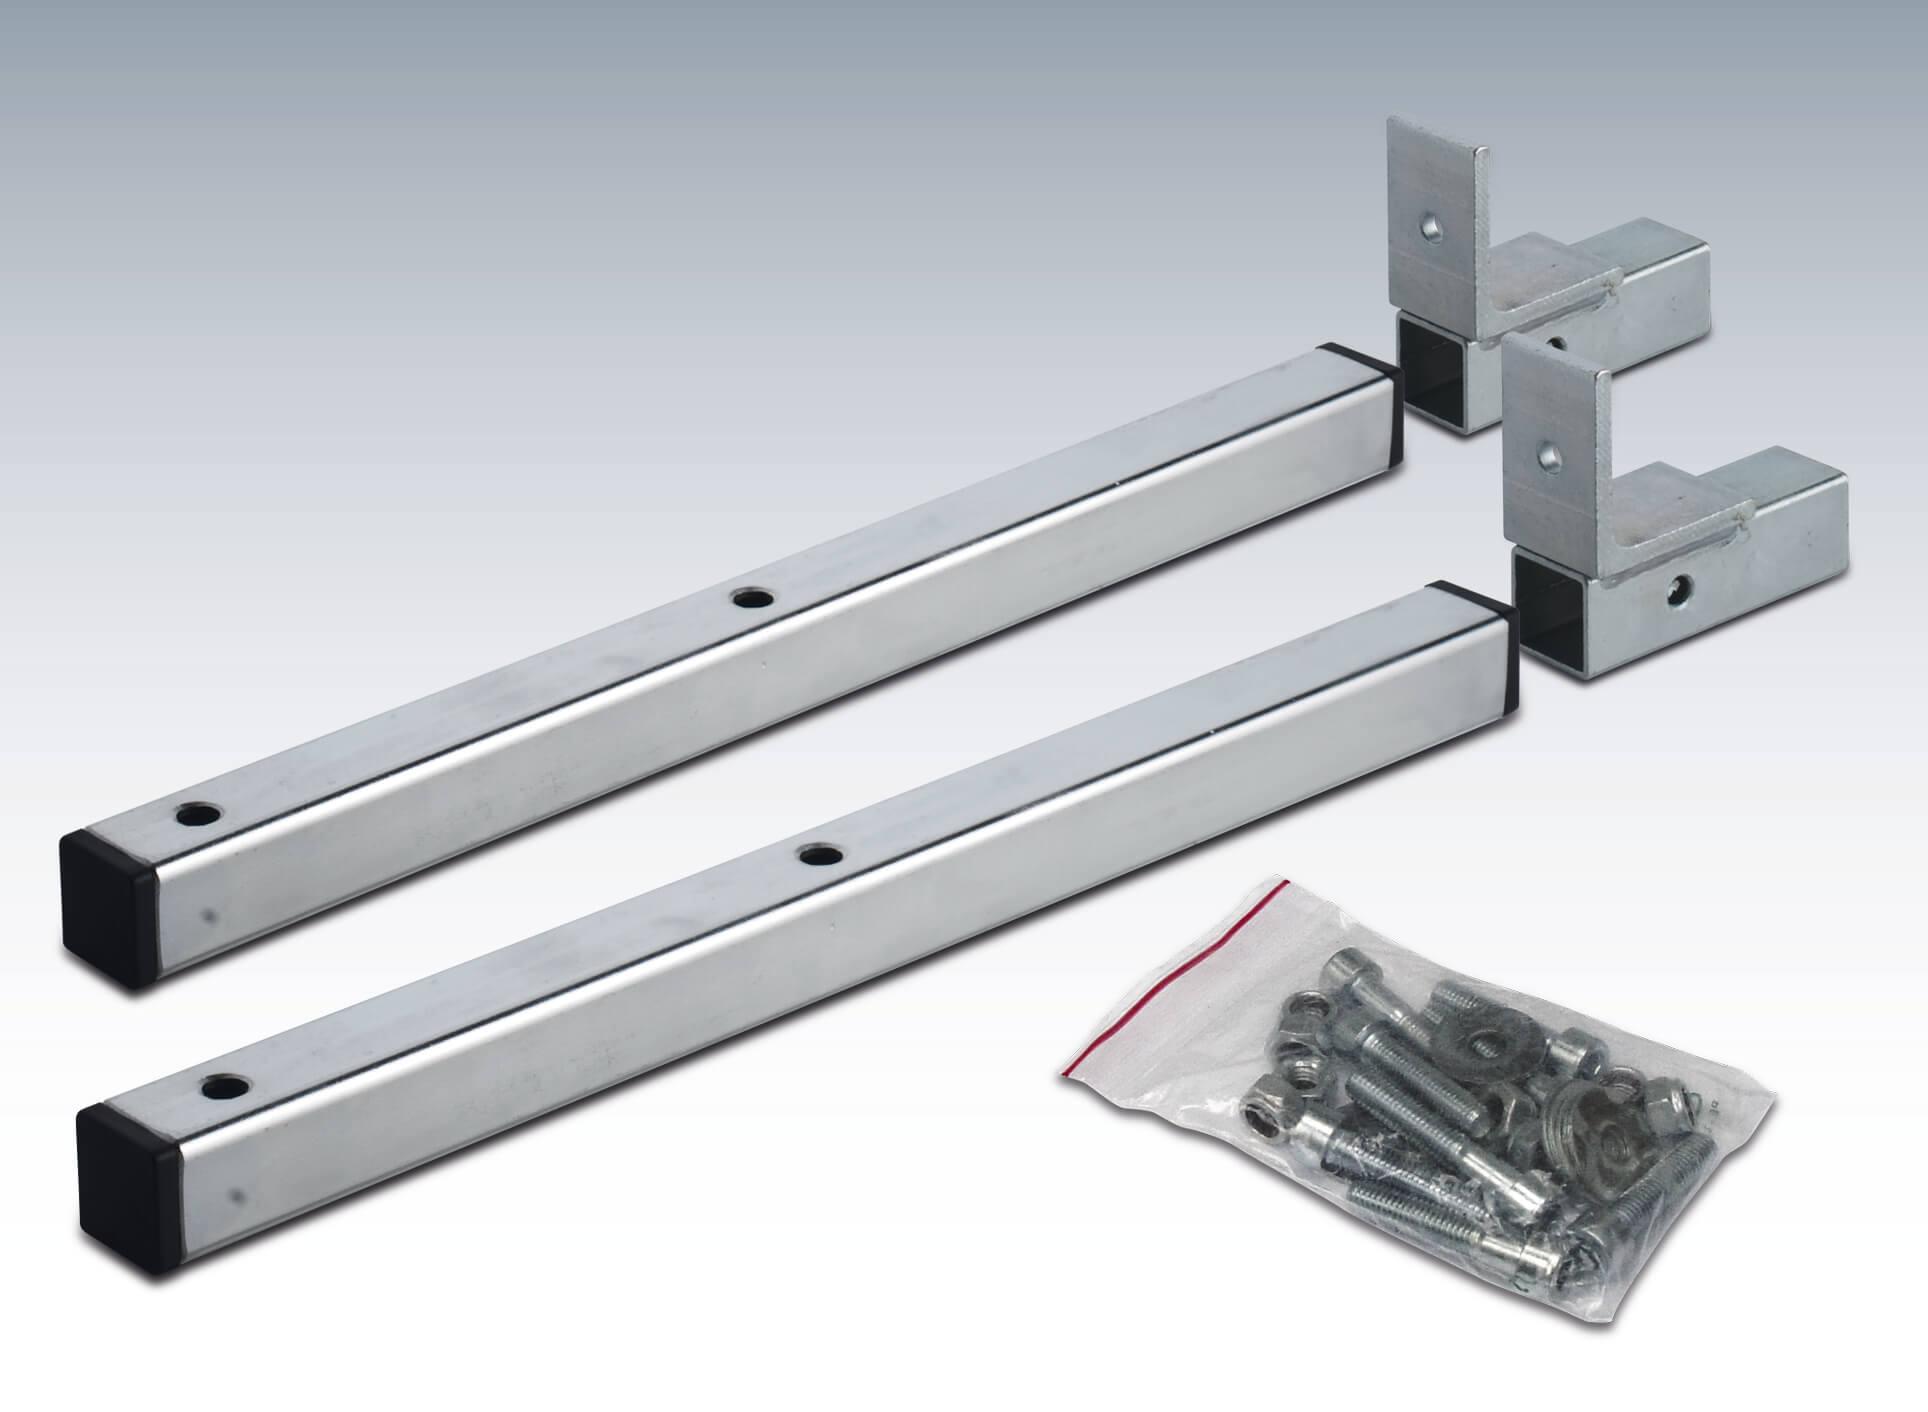 Halterungen Befestigungssatz f/ür Deichselbox Halter f/ür Staubox 2x U-B/ügel gro/ß Werkzeugkasten Montagesatz